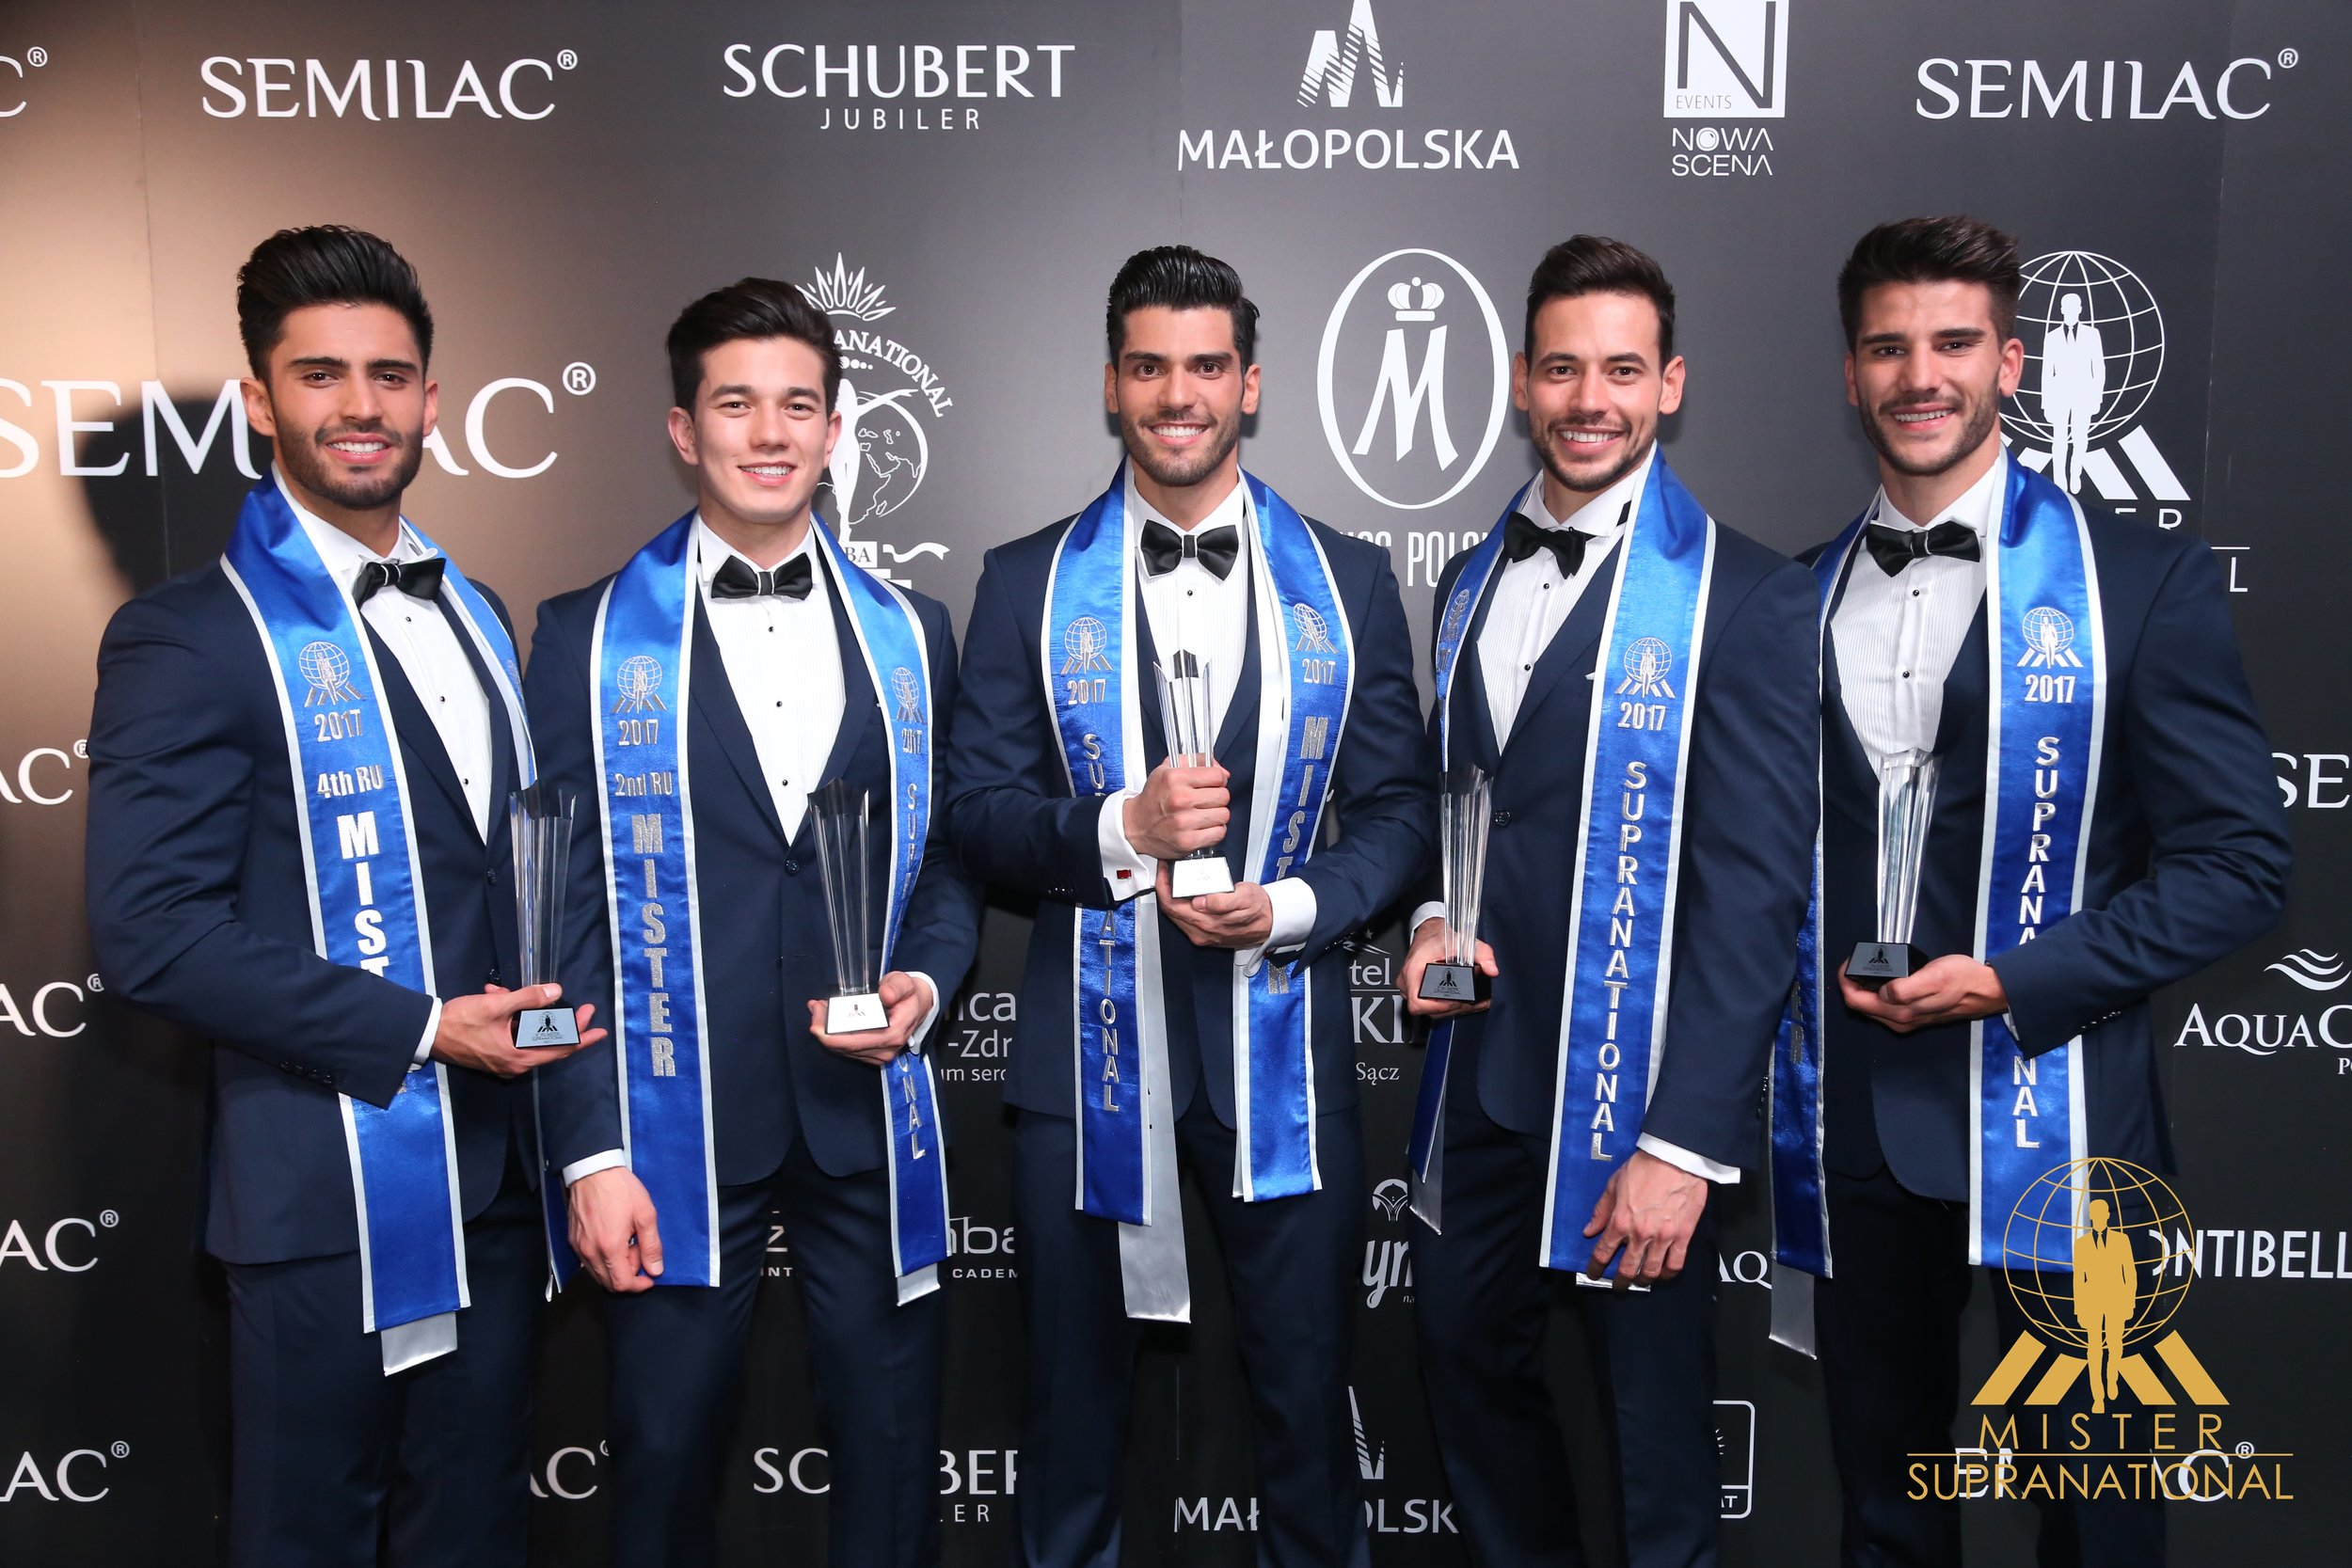 México (5), Matheus Song do Brasil (3), Gabriel Correa da Venezuela (Mister Supranational 2017), Eslováquia (4) e Espanha (2) - foto Leonardo Rodrigues.